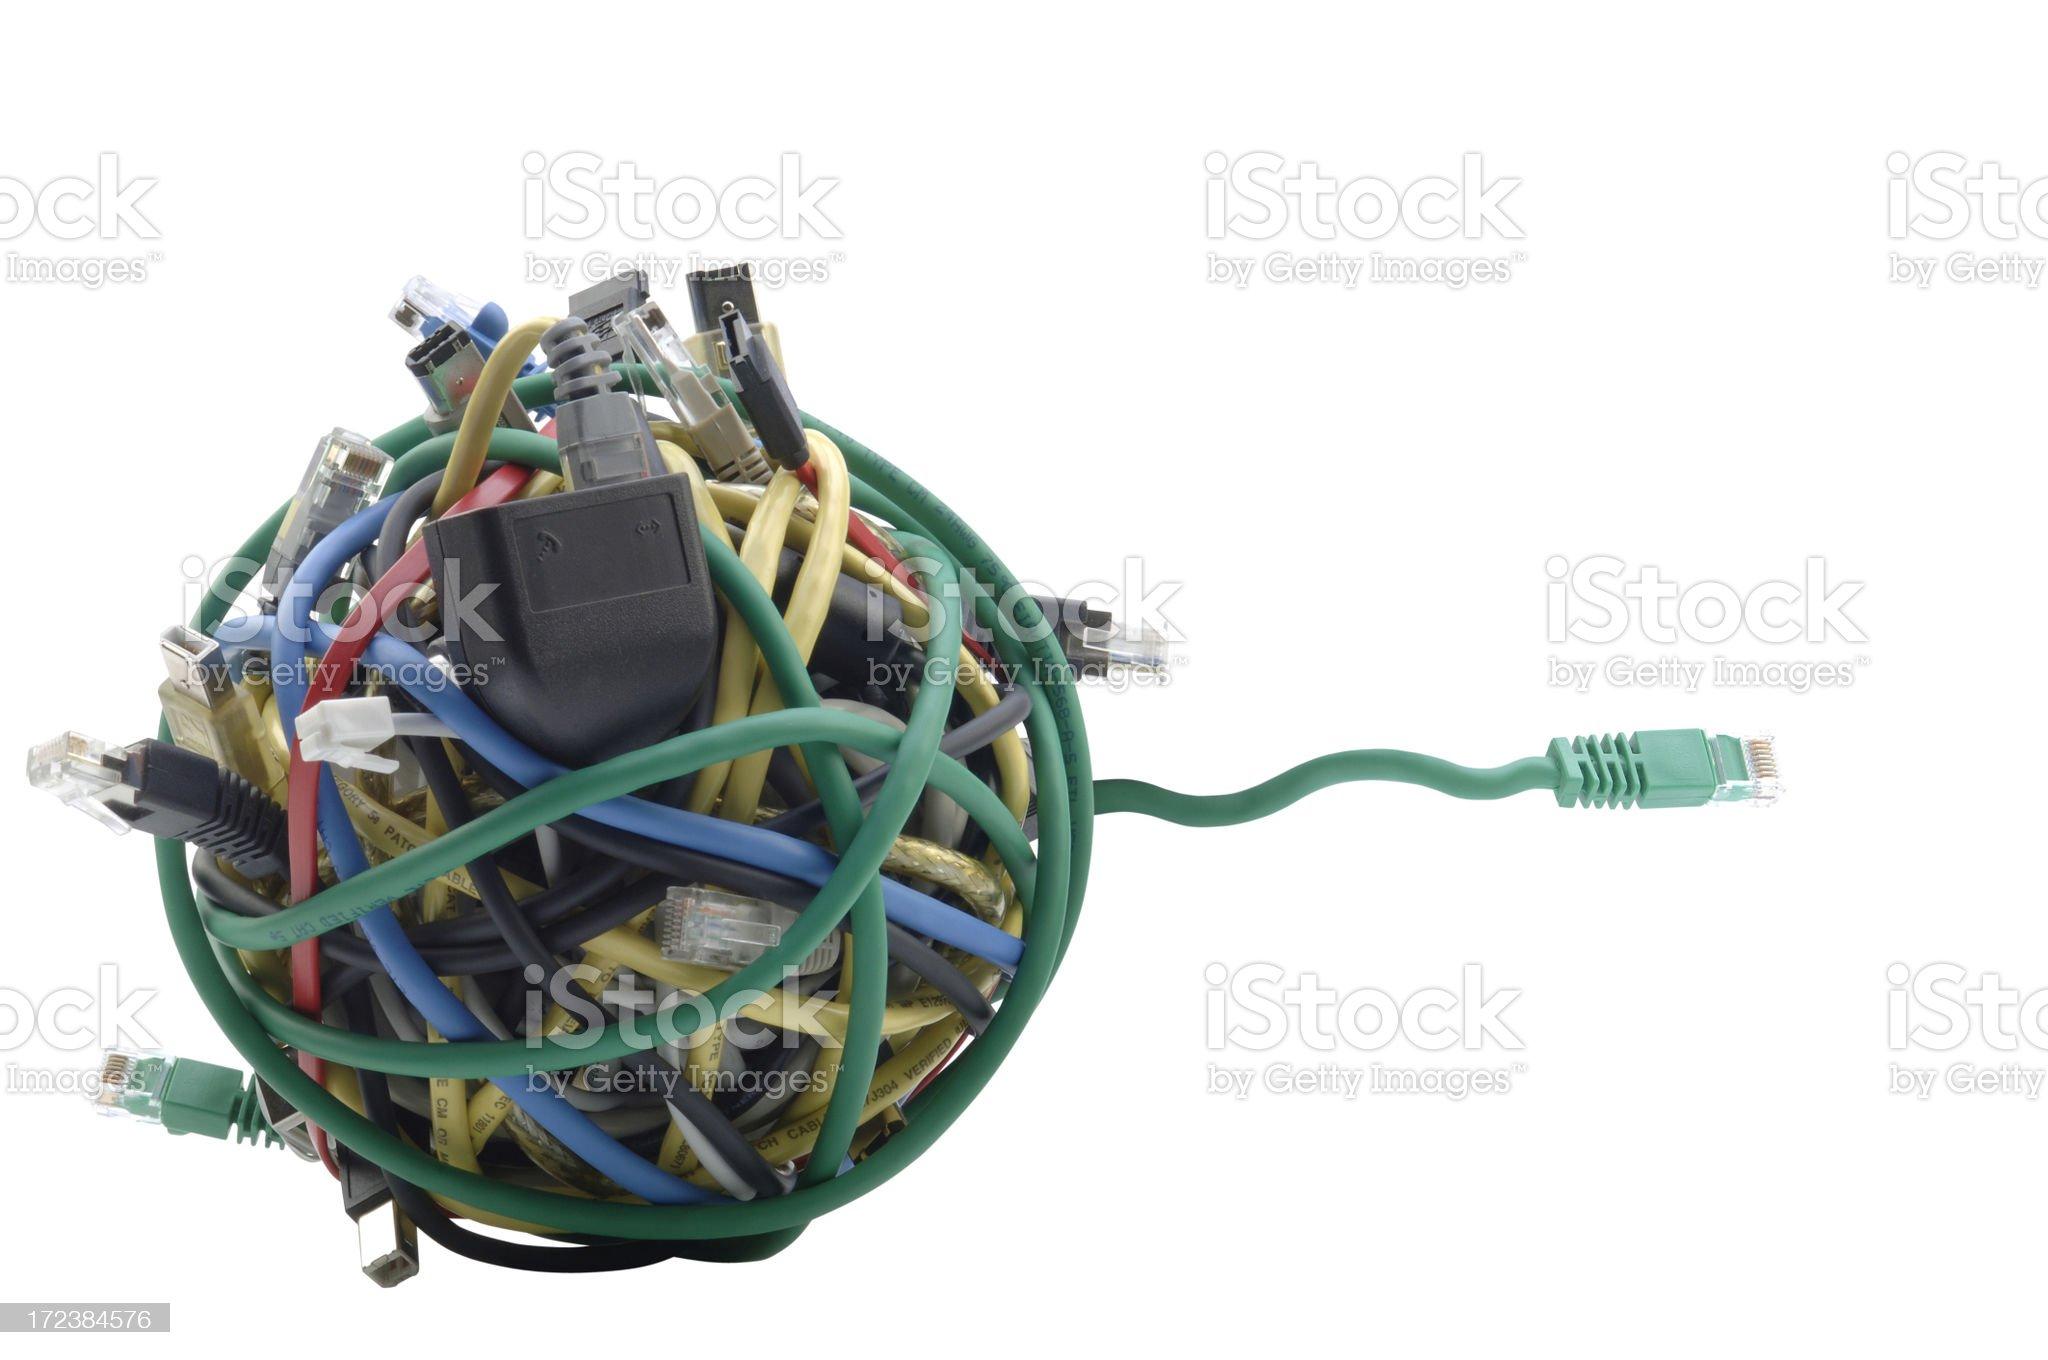 Techno Ball royalty-free stock photo